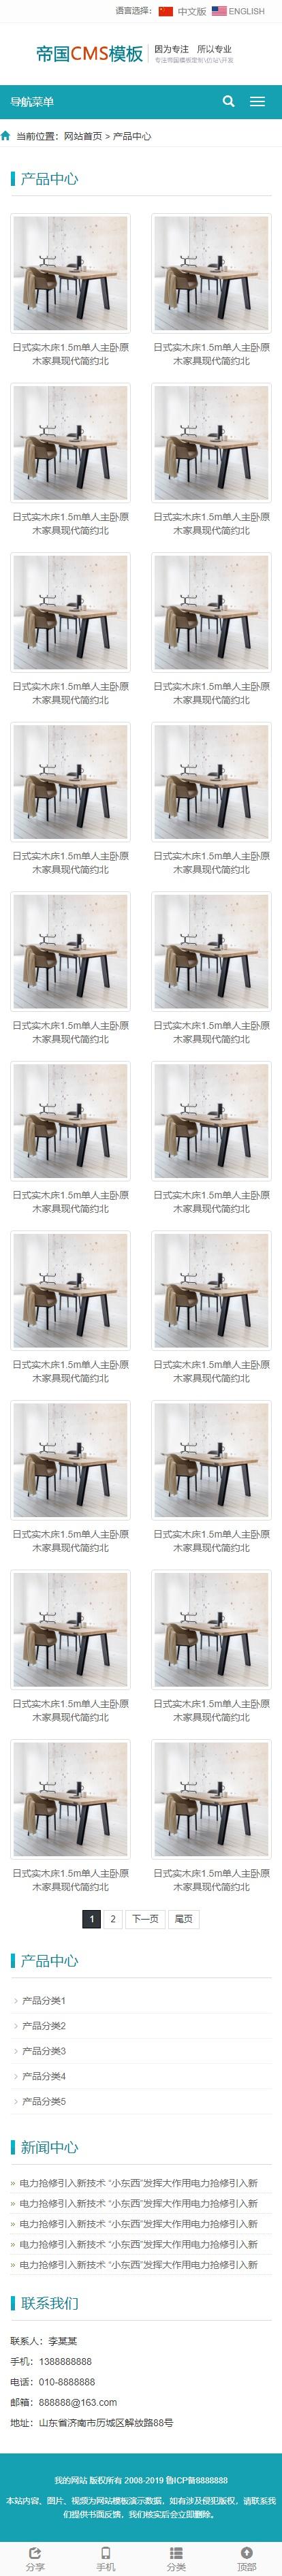 帝国cms模板之公司企业中英文双语版自适应响应式手机网站模板_手机版产品列表页